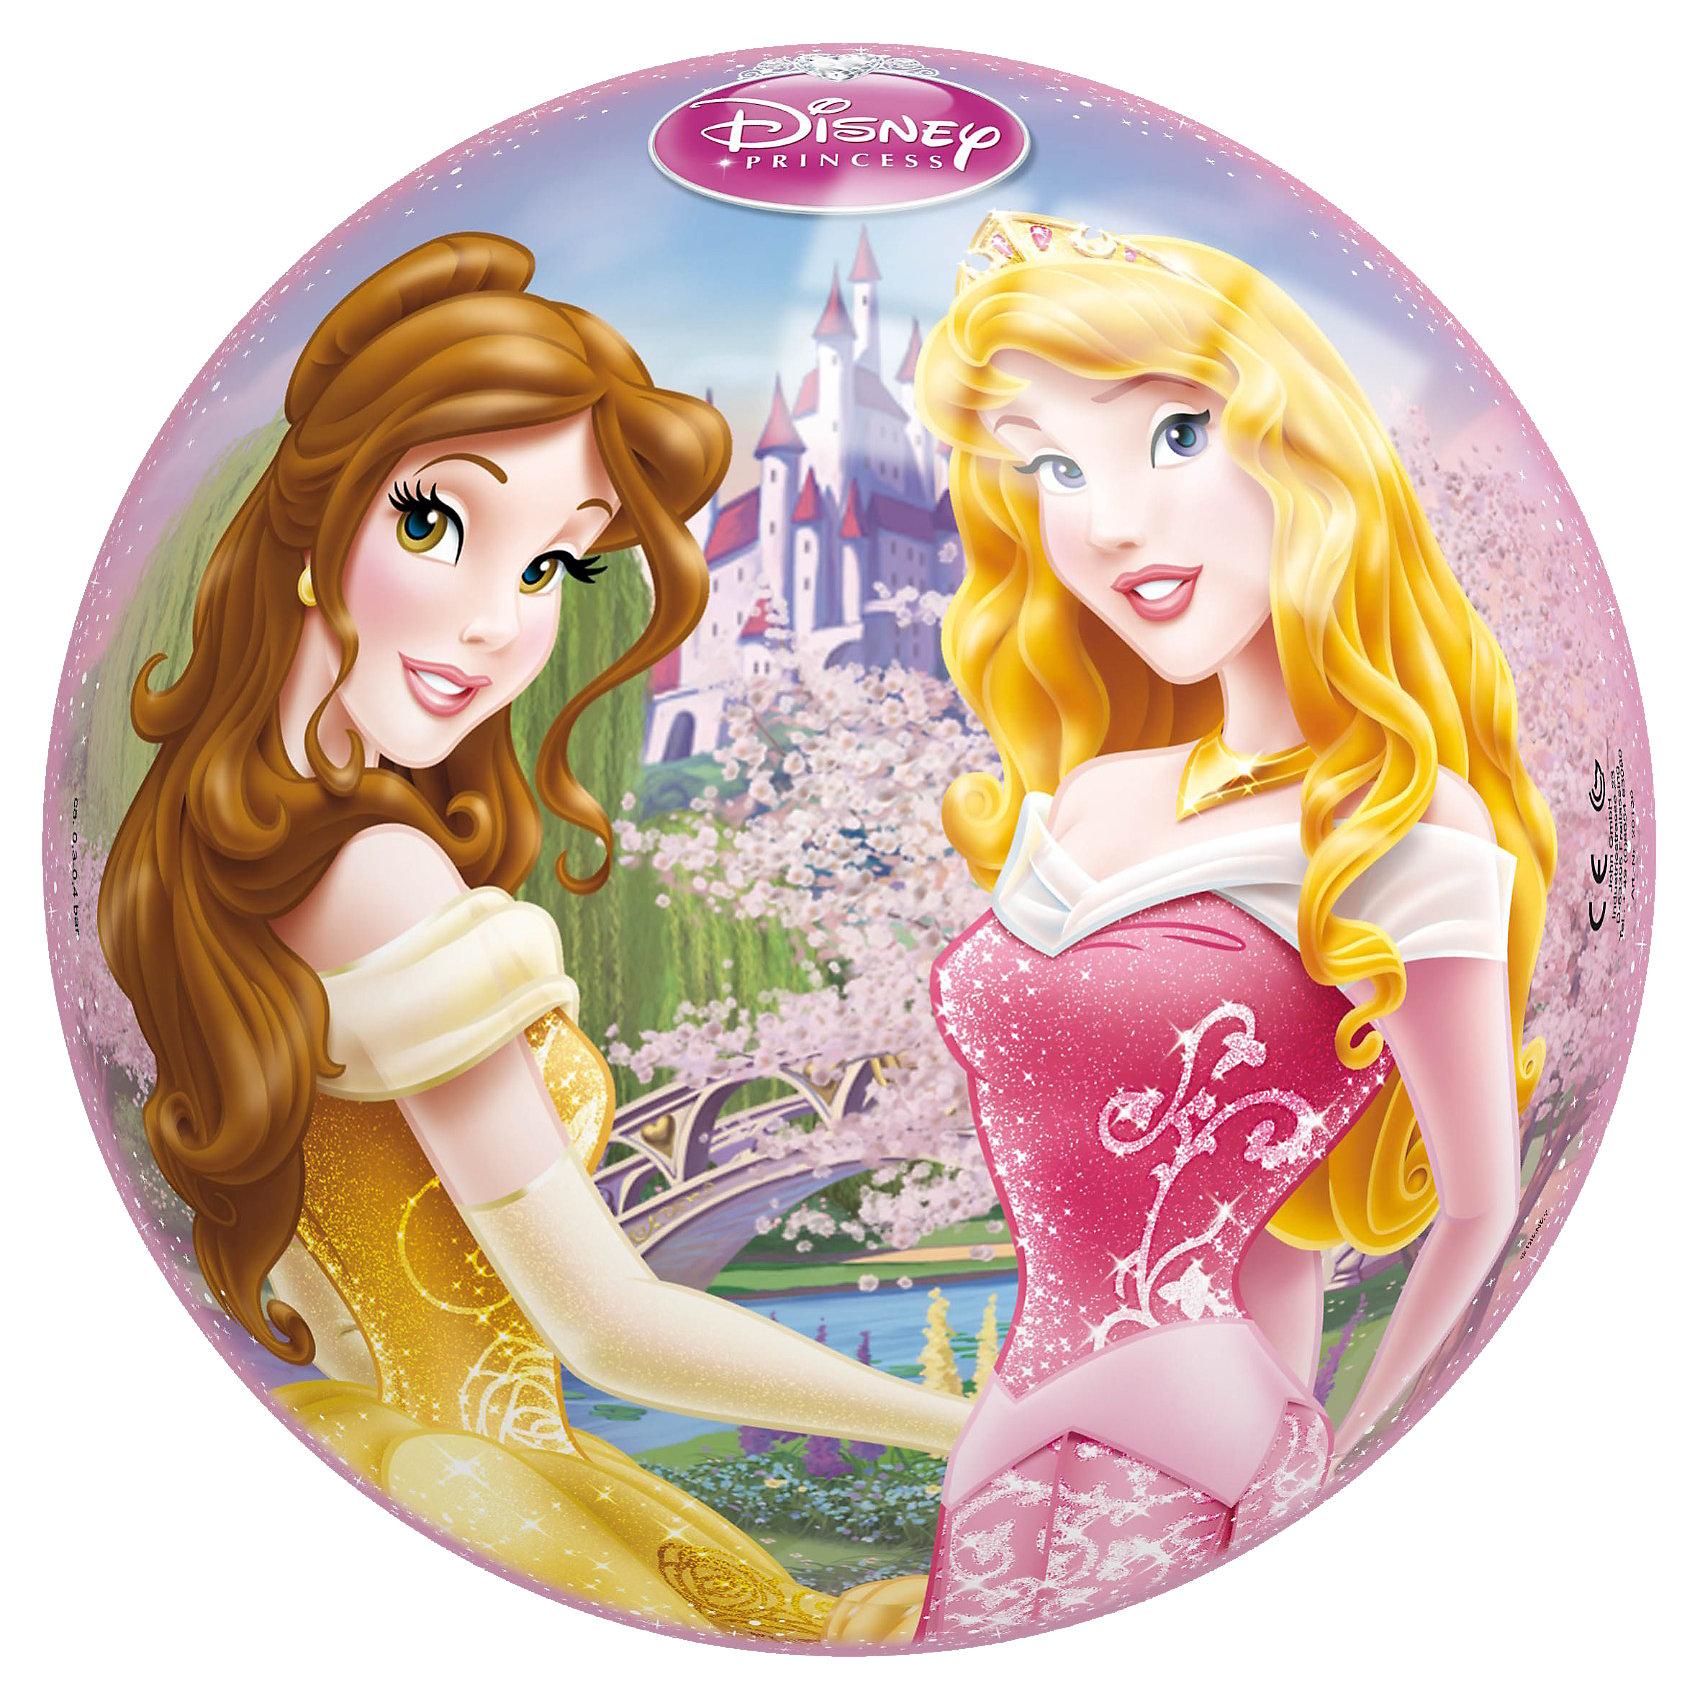 Мяч 230 мм Принцессы, JohnЯркий мячик для юной принцессы. Мяч предназначен для спортивных состязаний, игр и отдыха.<br><br>Дополнительная информация: <br><br>- Возраст: от 3 лет.<br>- Диаметр: 23 см.<br>- Материал: ПВХ.<br><br>Купить  мяч Принцессы от JOHN,  можно в нашем магазине.<br><br>Ширина мм: 230<br>Глубина мм: 226<br>Высота мм: 238<br>Вес г: 267<br>Возраст от месяцев: 36<br>Возраст до месяцев: 144<br>Пол: Женский<br>Возраст: Детский<br>SKU: 2195318